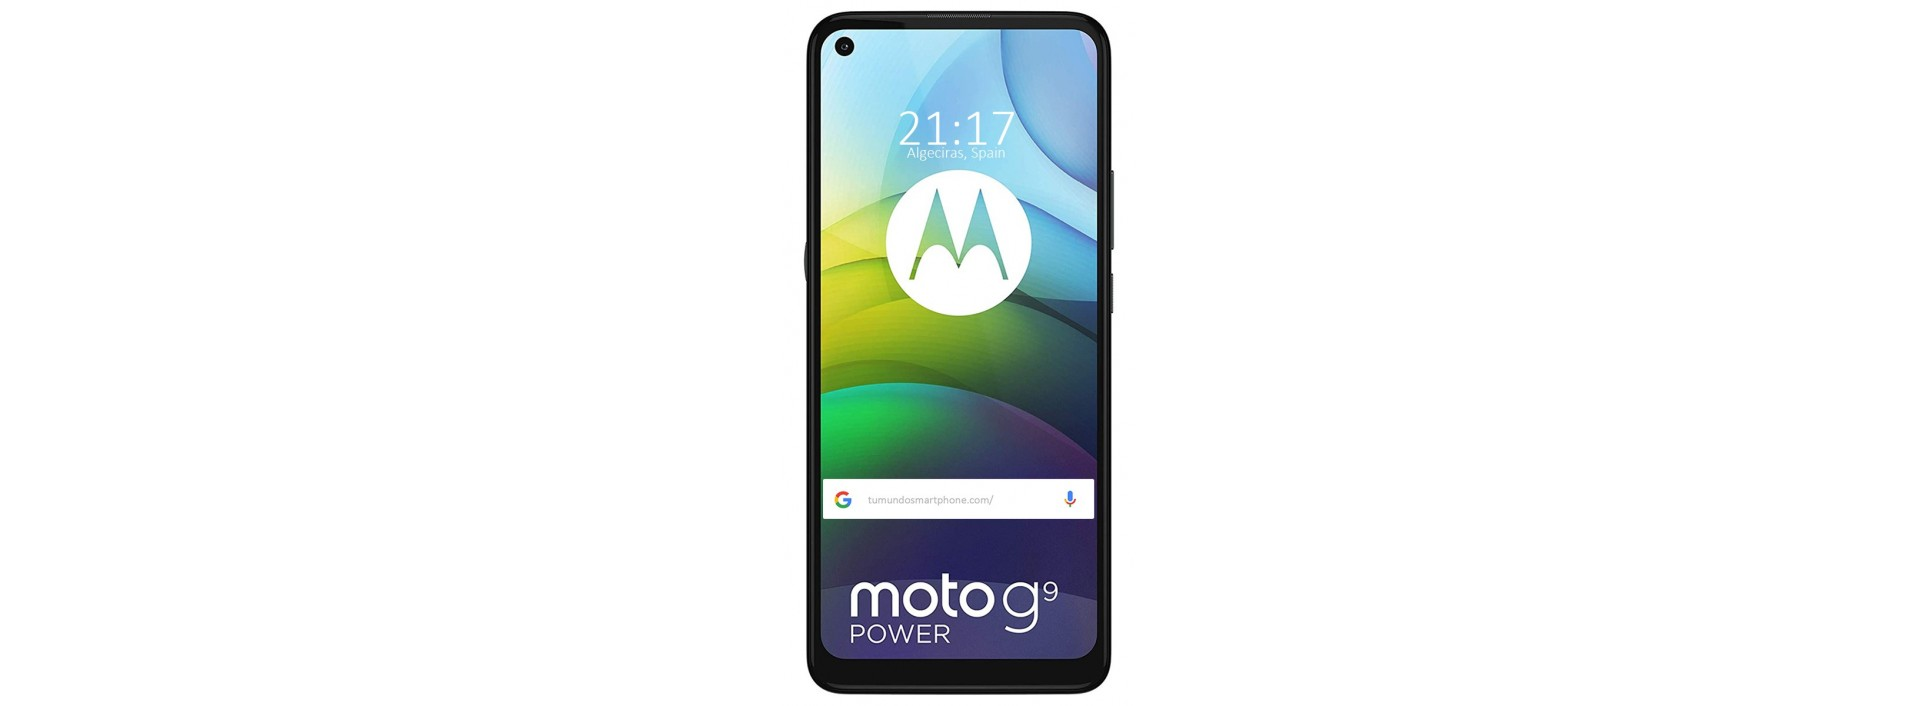 Fundas para Motorola Moto G9 Power